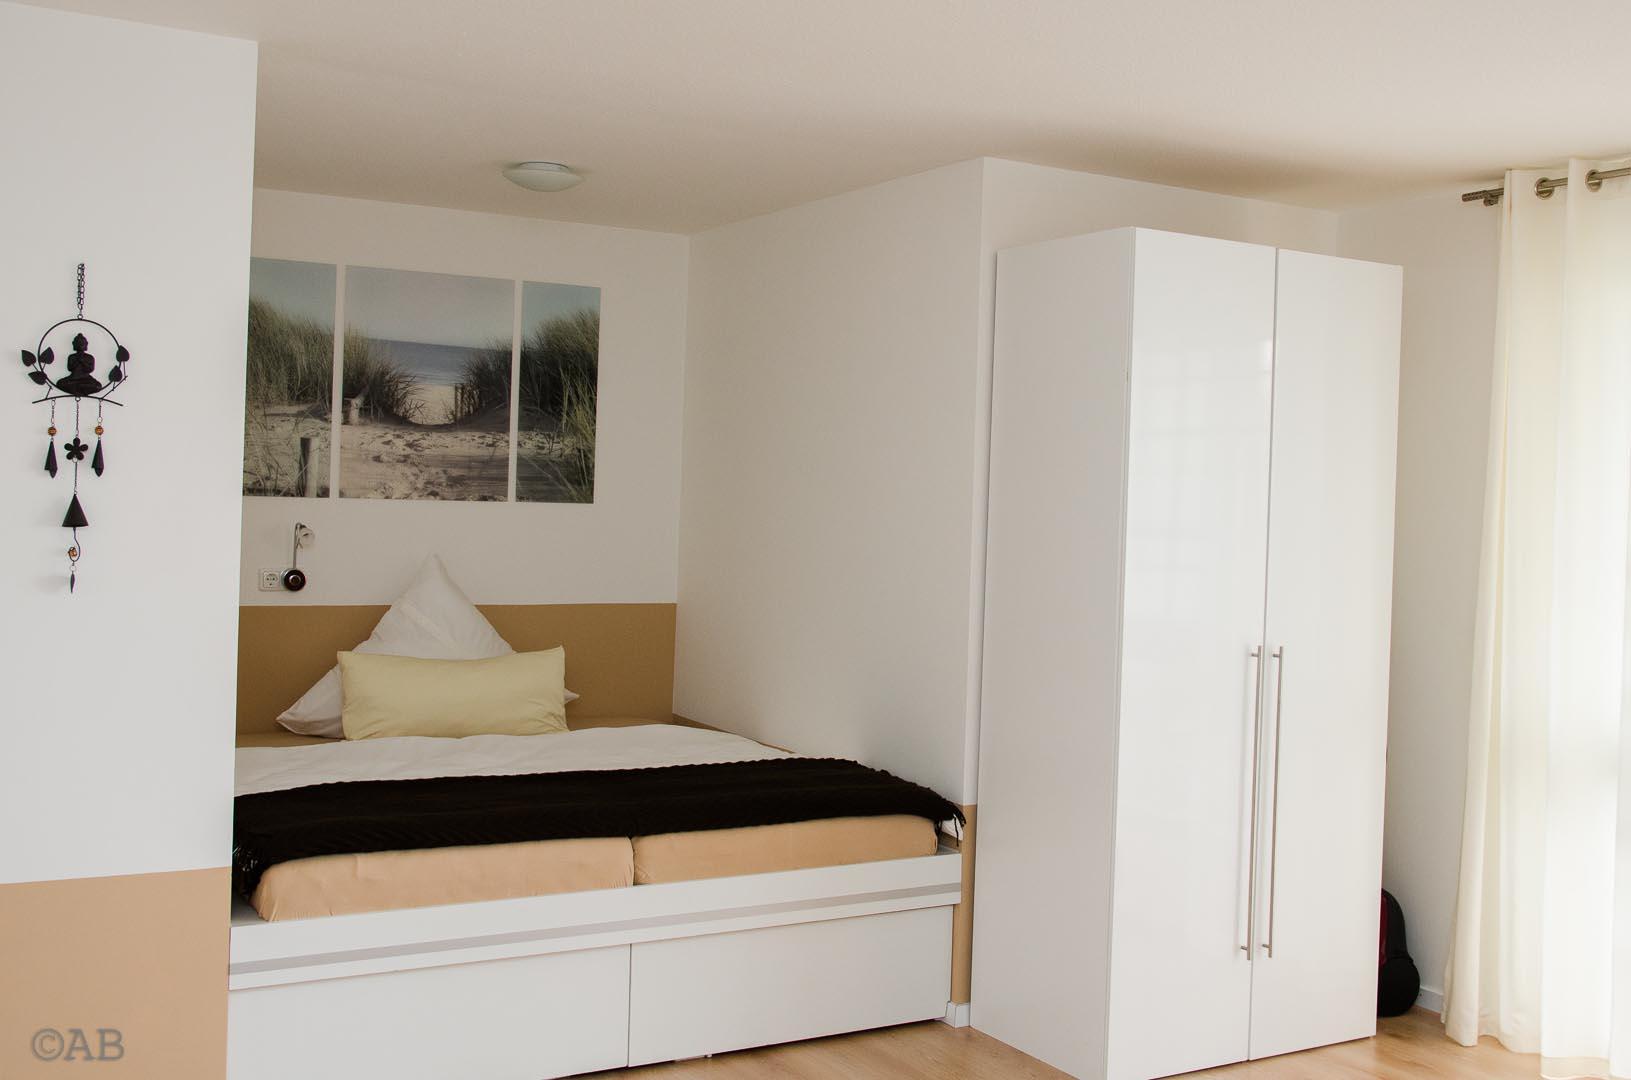 exclusives möbliertes Appartement in Königsbrunn bei Augsburg; Schlafzimmer